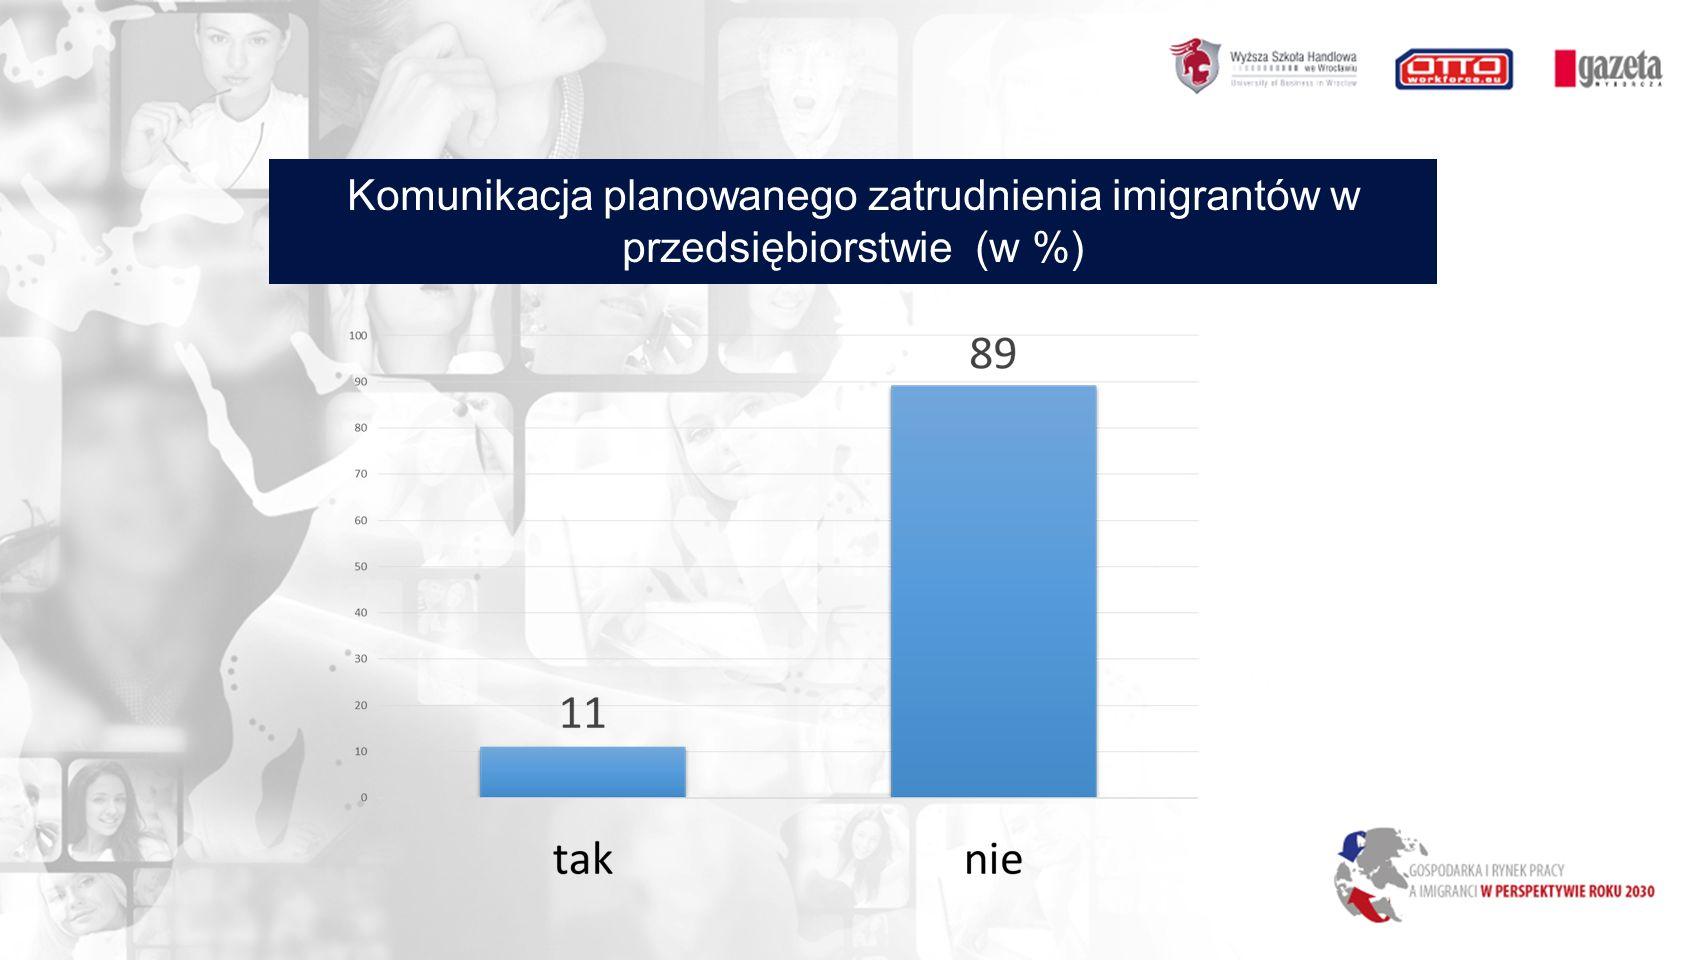 Komunikacja planowanego zatrudnienia imigrantów w przedsiębiorstwie (w %)